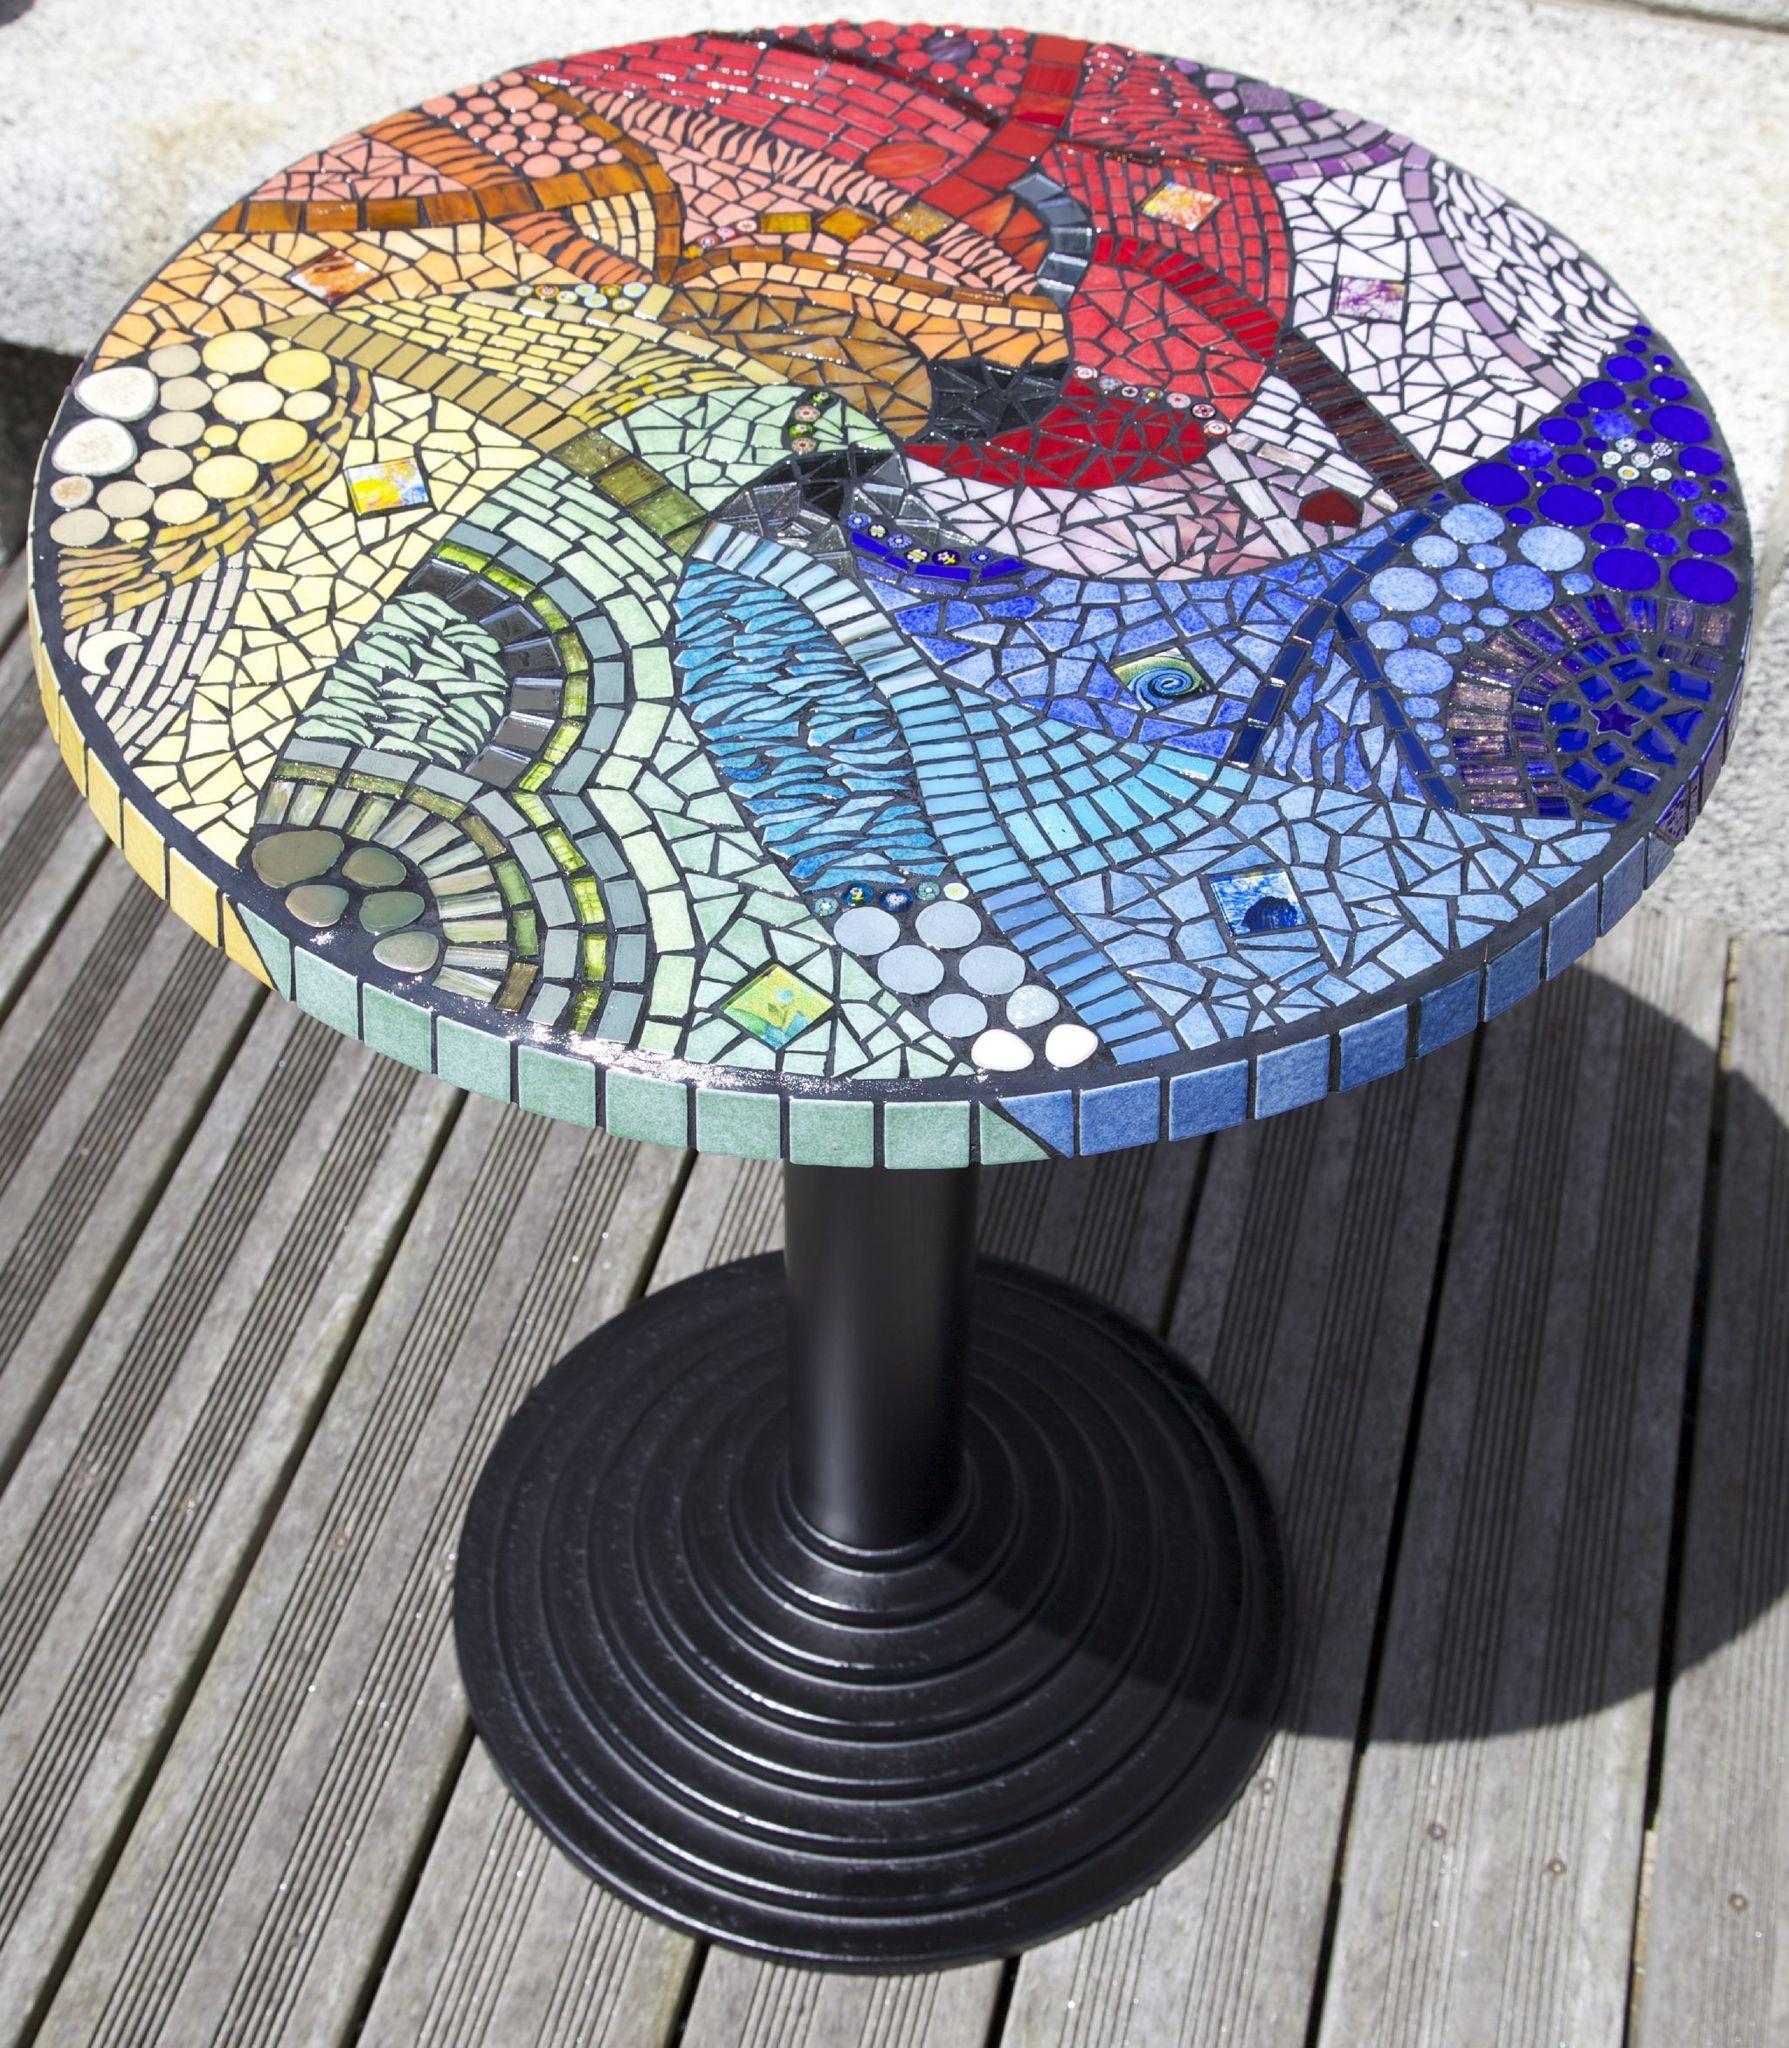 Boutique de vente en ligne de tables mosaiques a prix mini for Boutique jardin en ligne